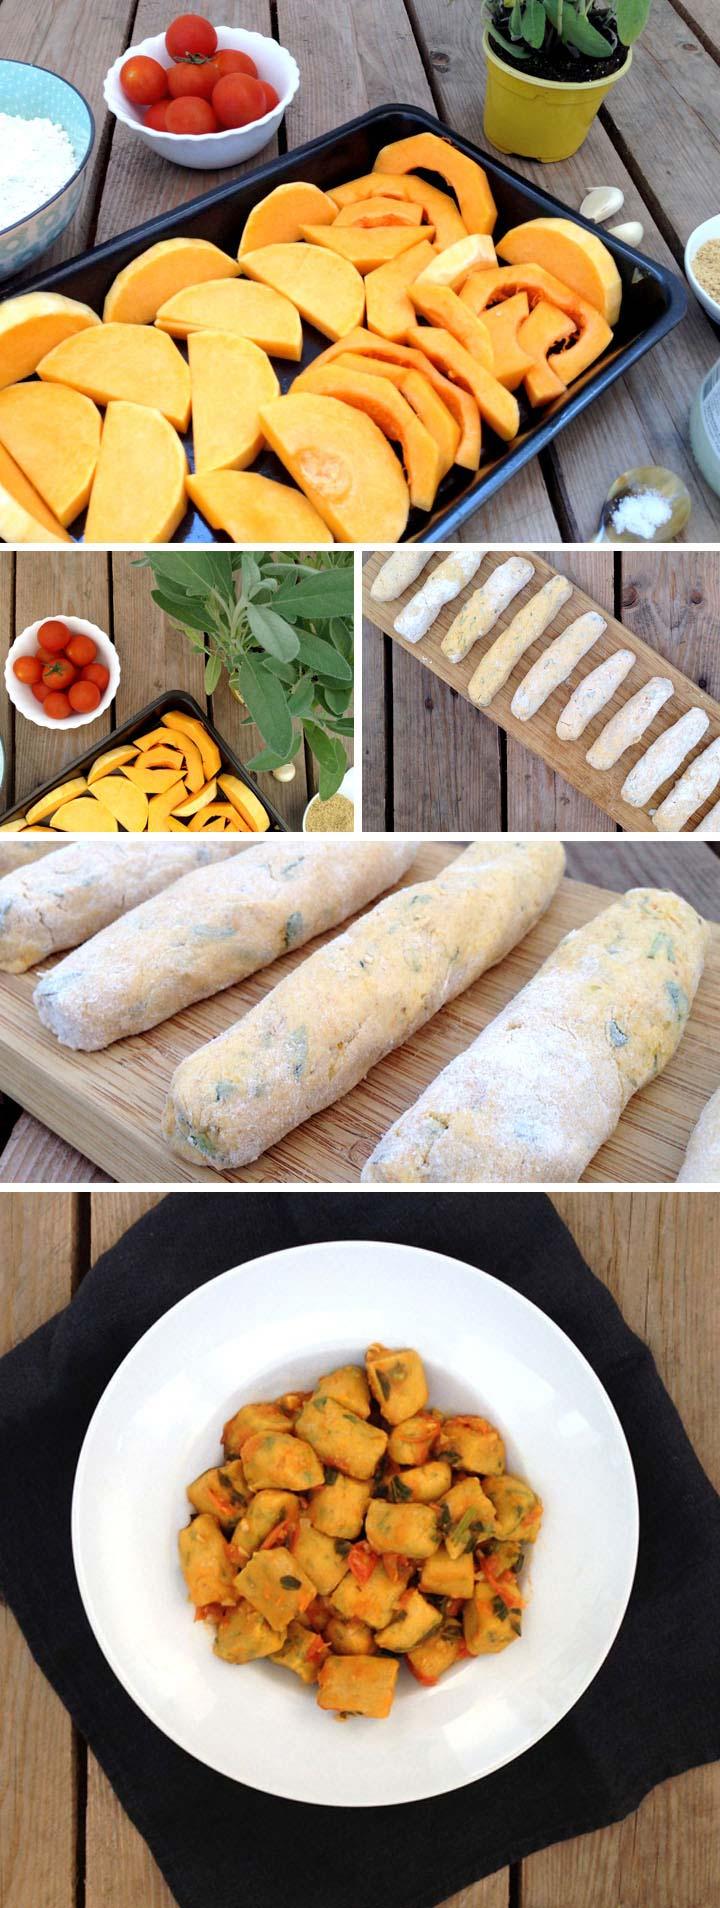 Ingredientes y elaboración ñoquis calabaza